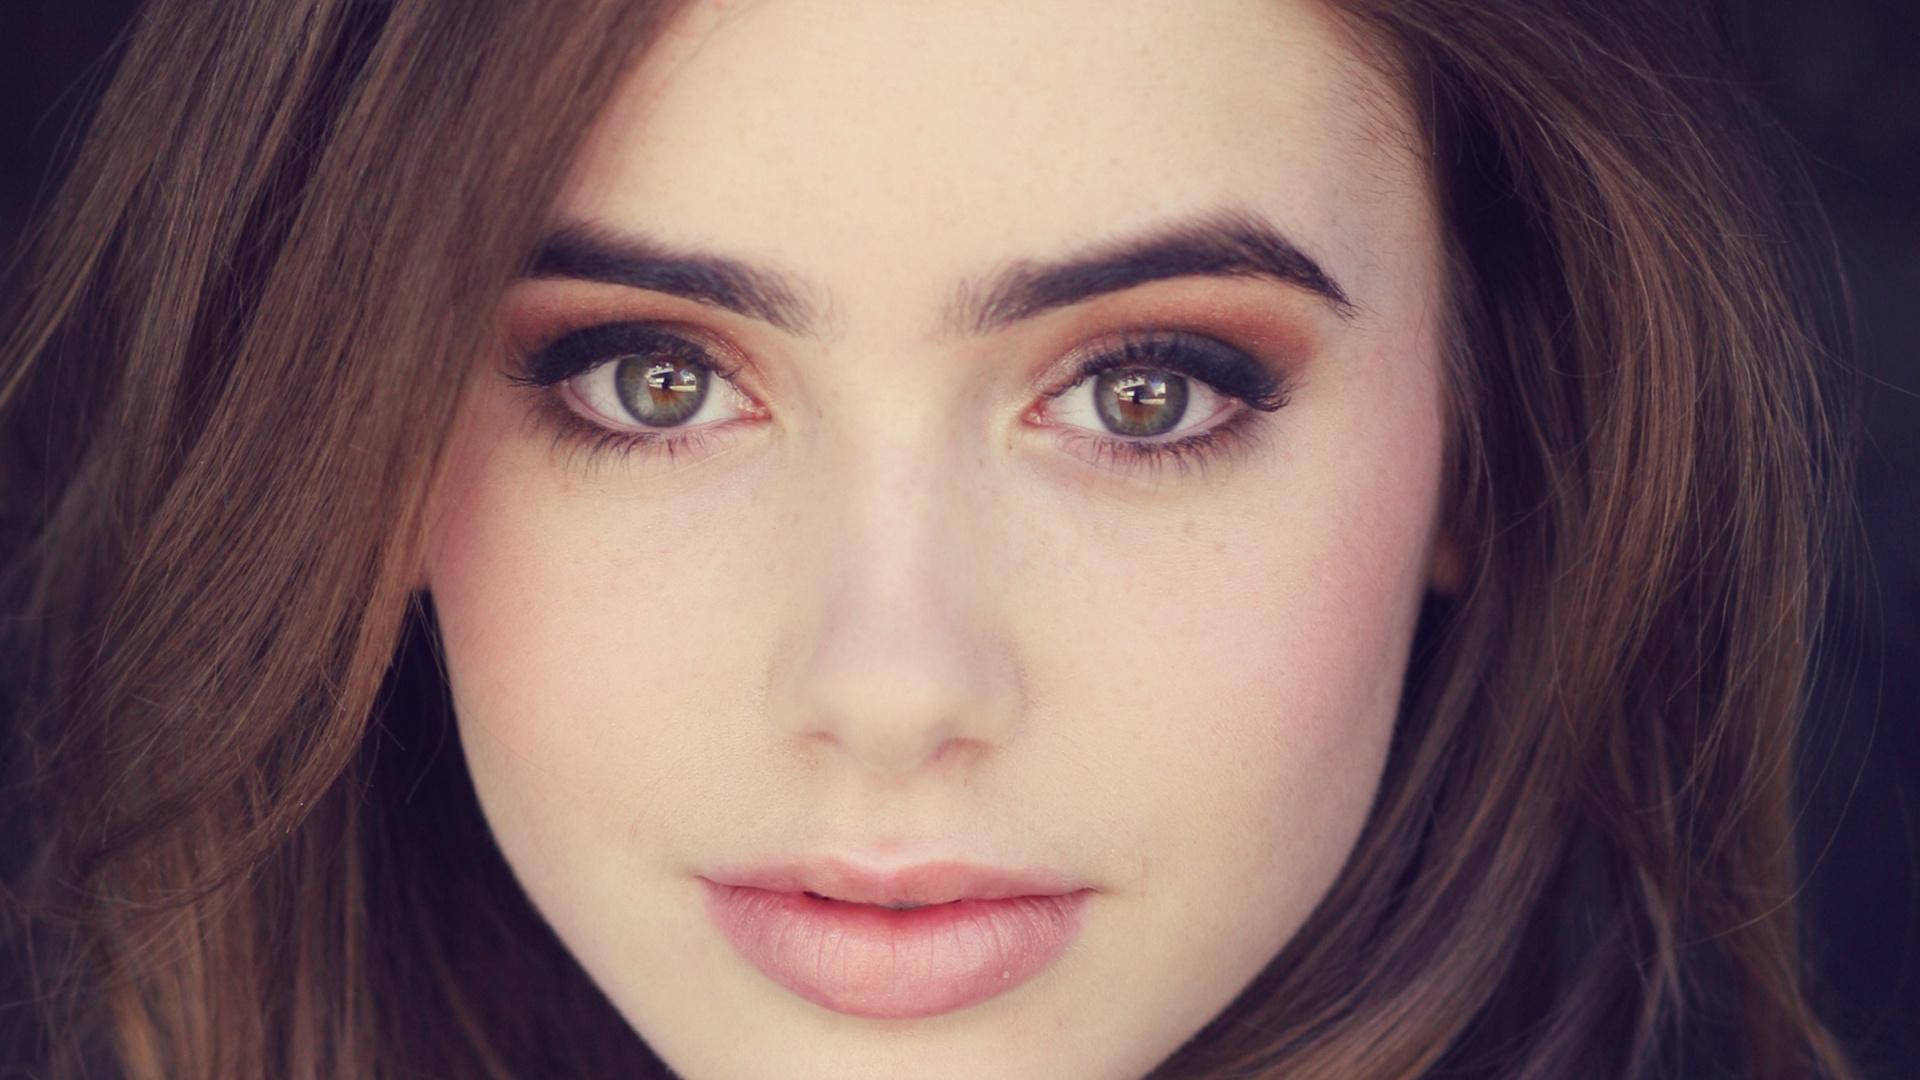 очаровательная девушка с красивыми глазами